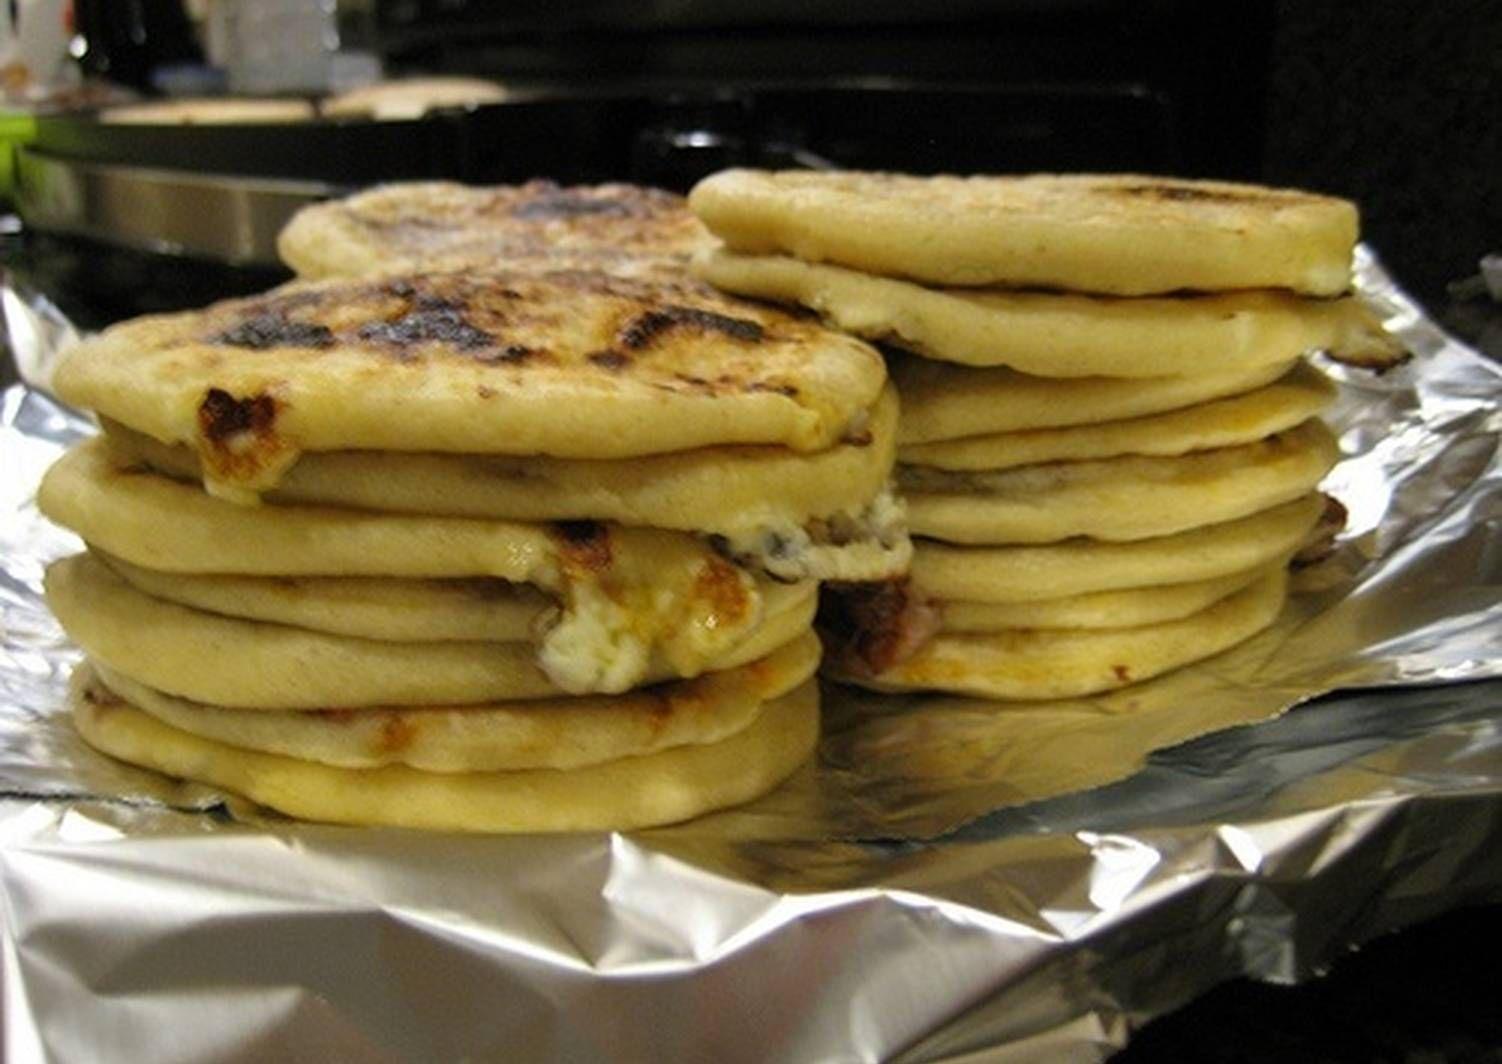 Pupusas de cerdo con queso (El Salvador) #elsalvadorfood Pupusas de cerdo con queso (El Salvador) Receta de Dalila´s Gourmet - Cookpad #elsalvadorfood